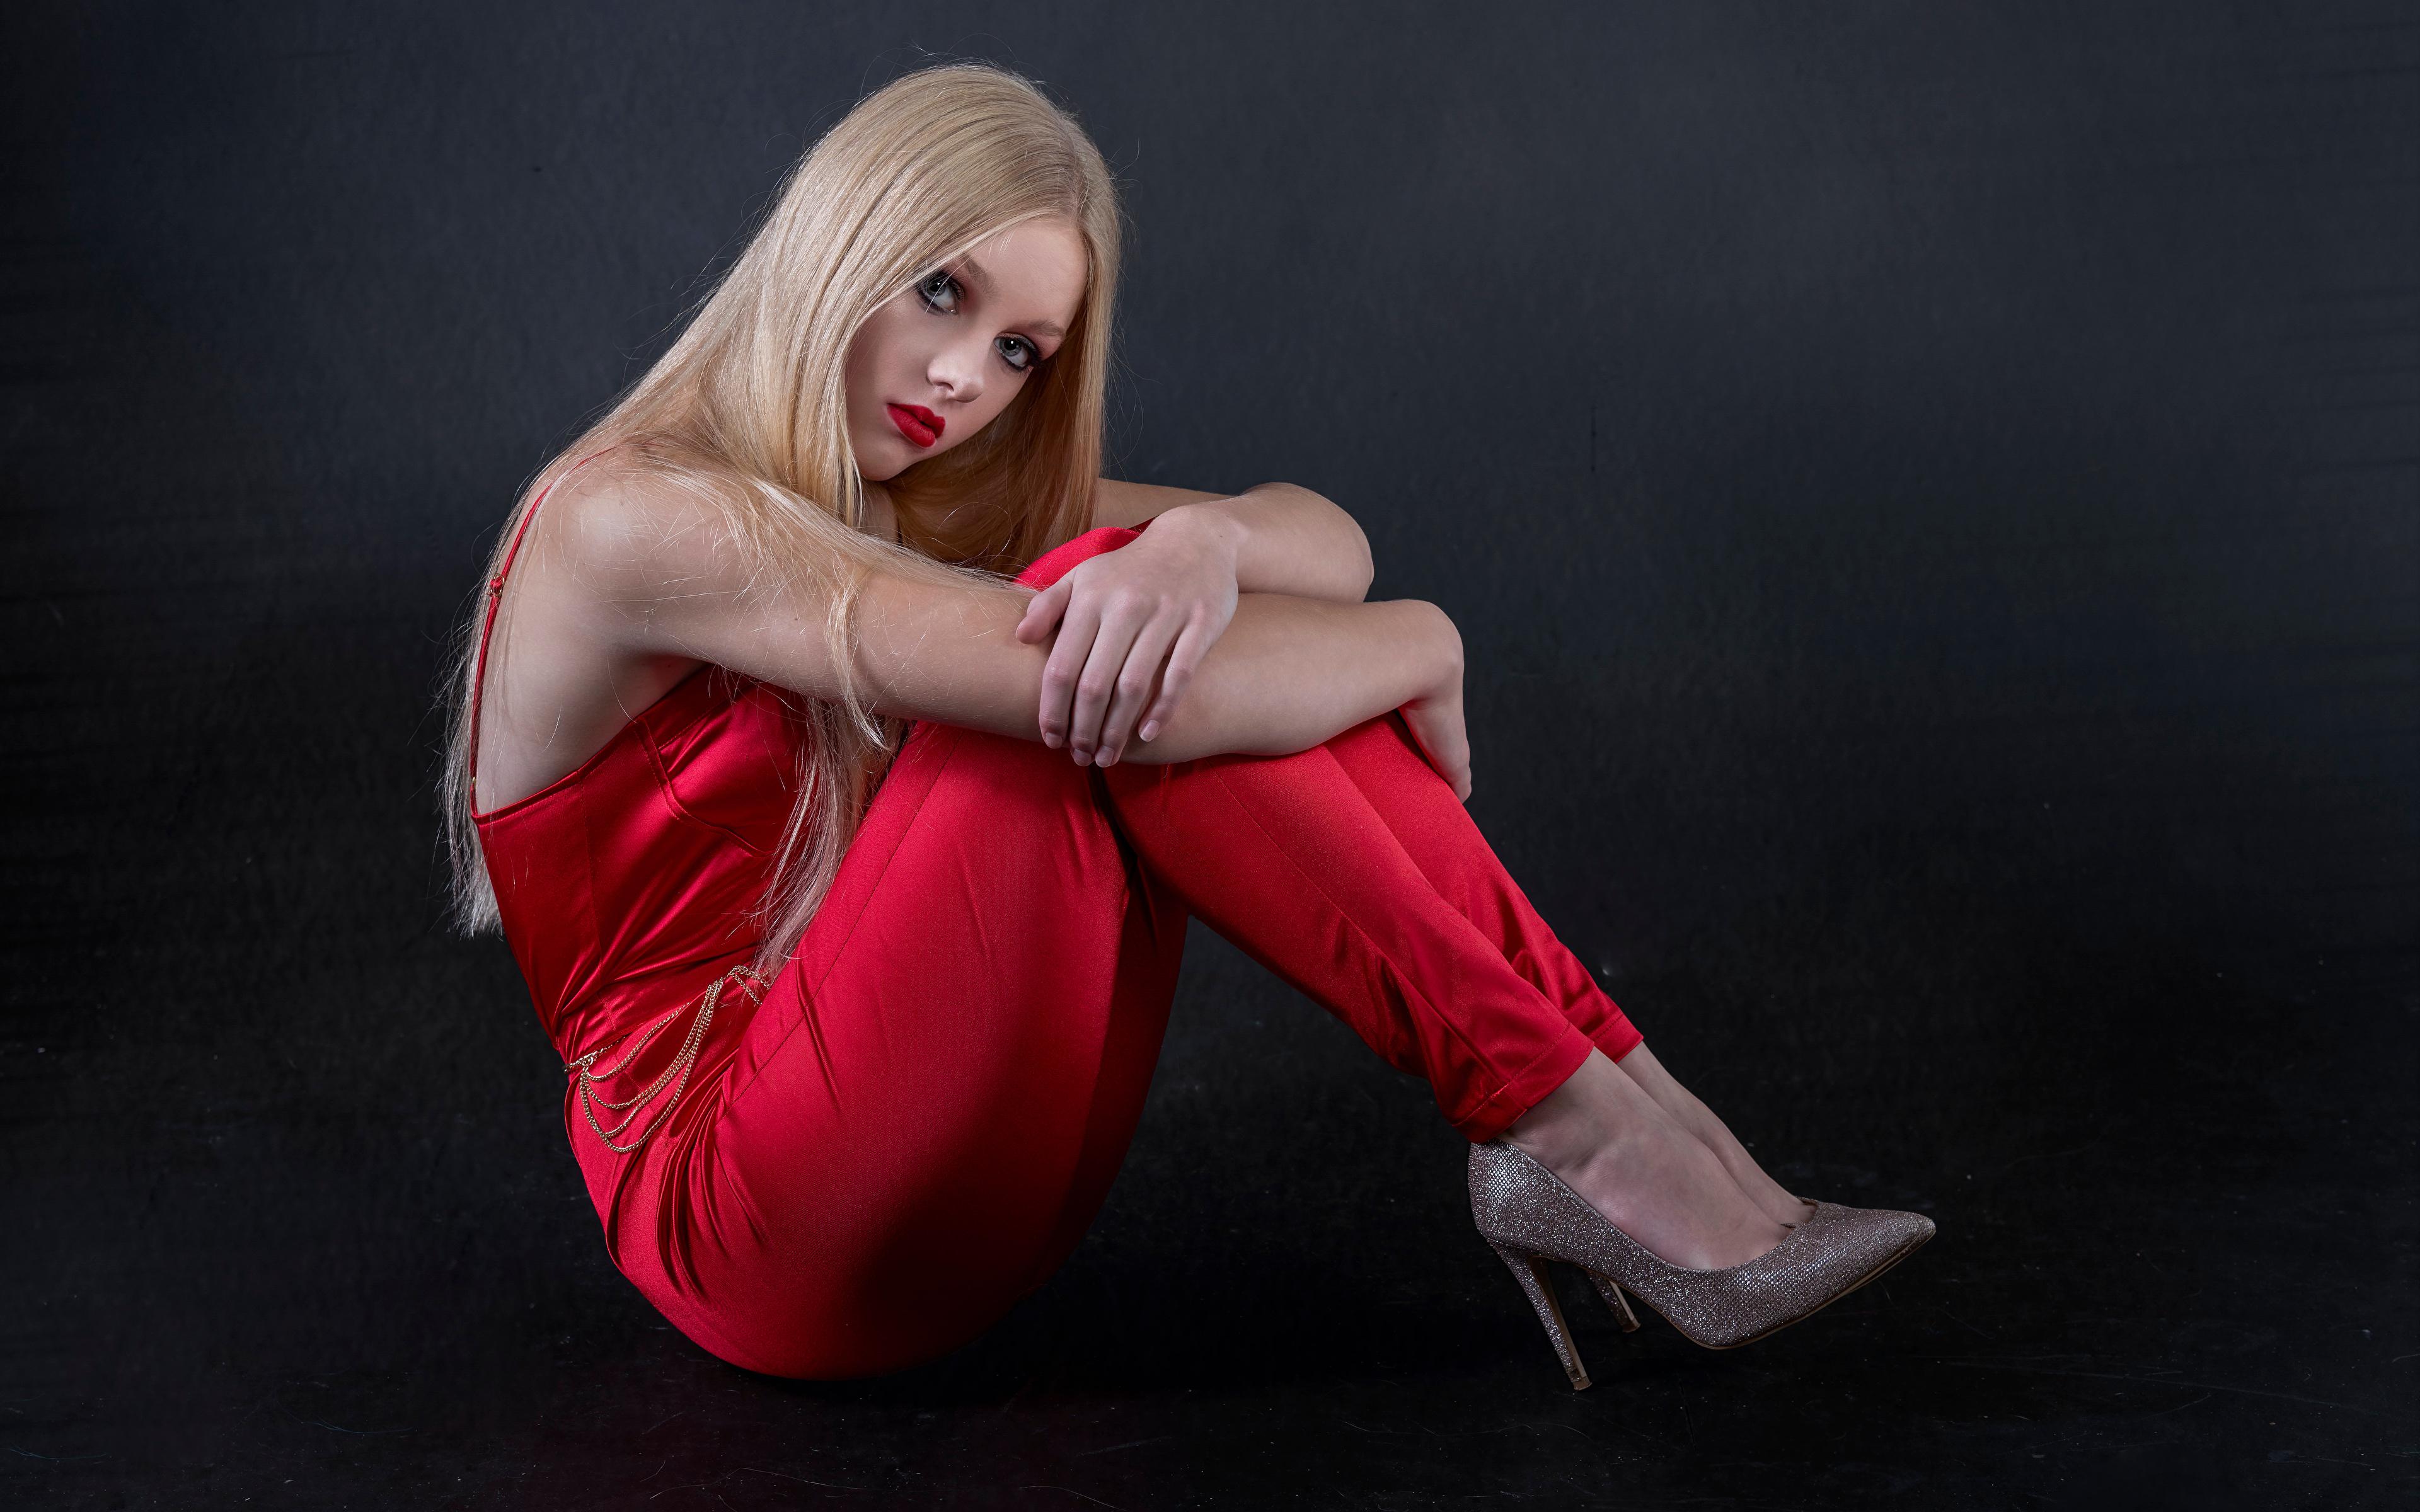 Картинки блондинки Mia позирует молодая женщина сидя смотрят 3840x2400 Блондинка блондинок Поза девушка Девушки молодые женщины Сидит сидящие Взгляд смотрит